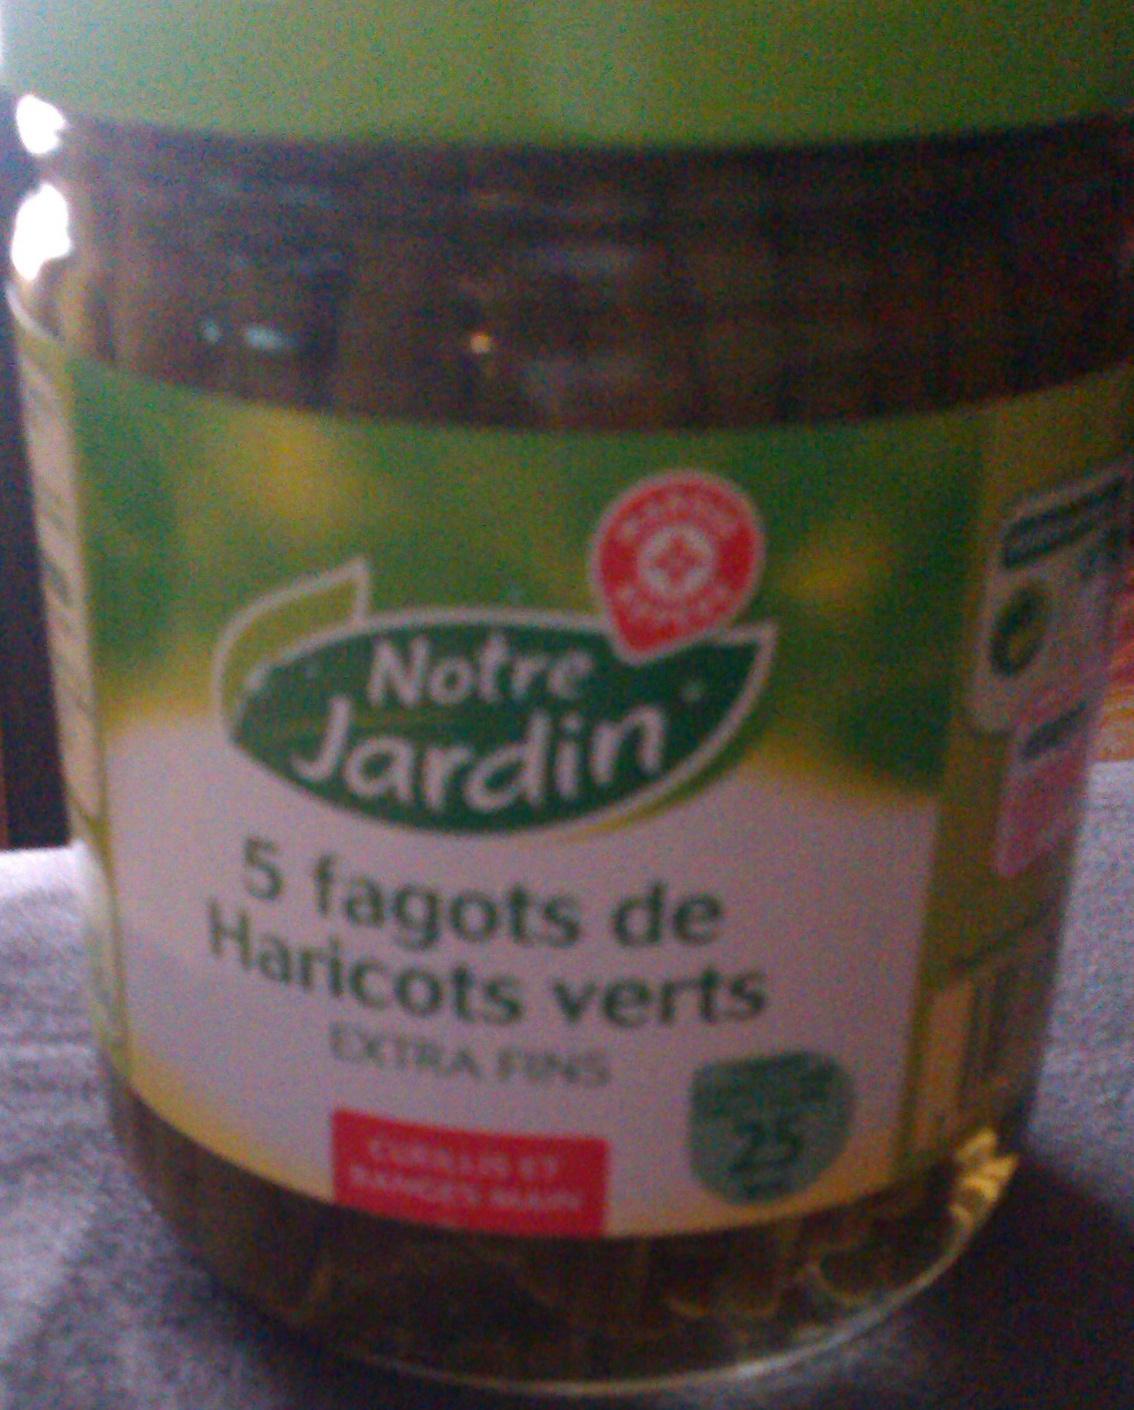 5 fagots de Haricots verts extra fins 405 g - Product